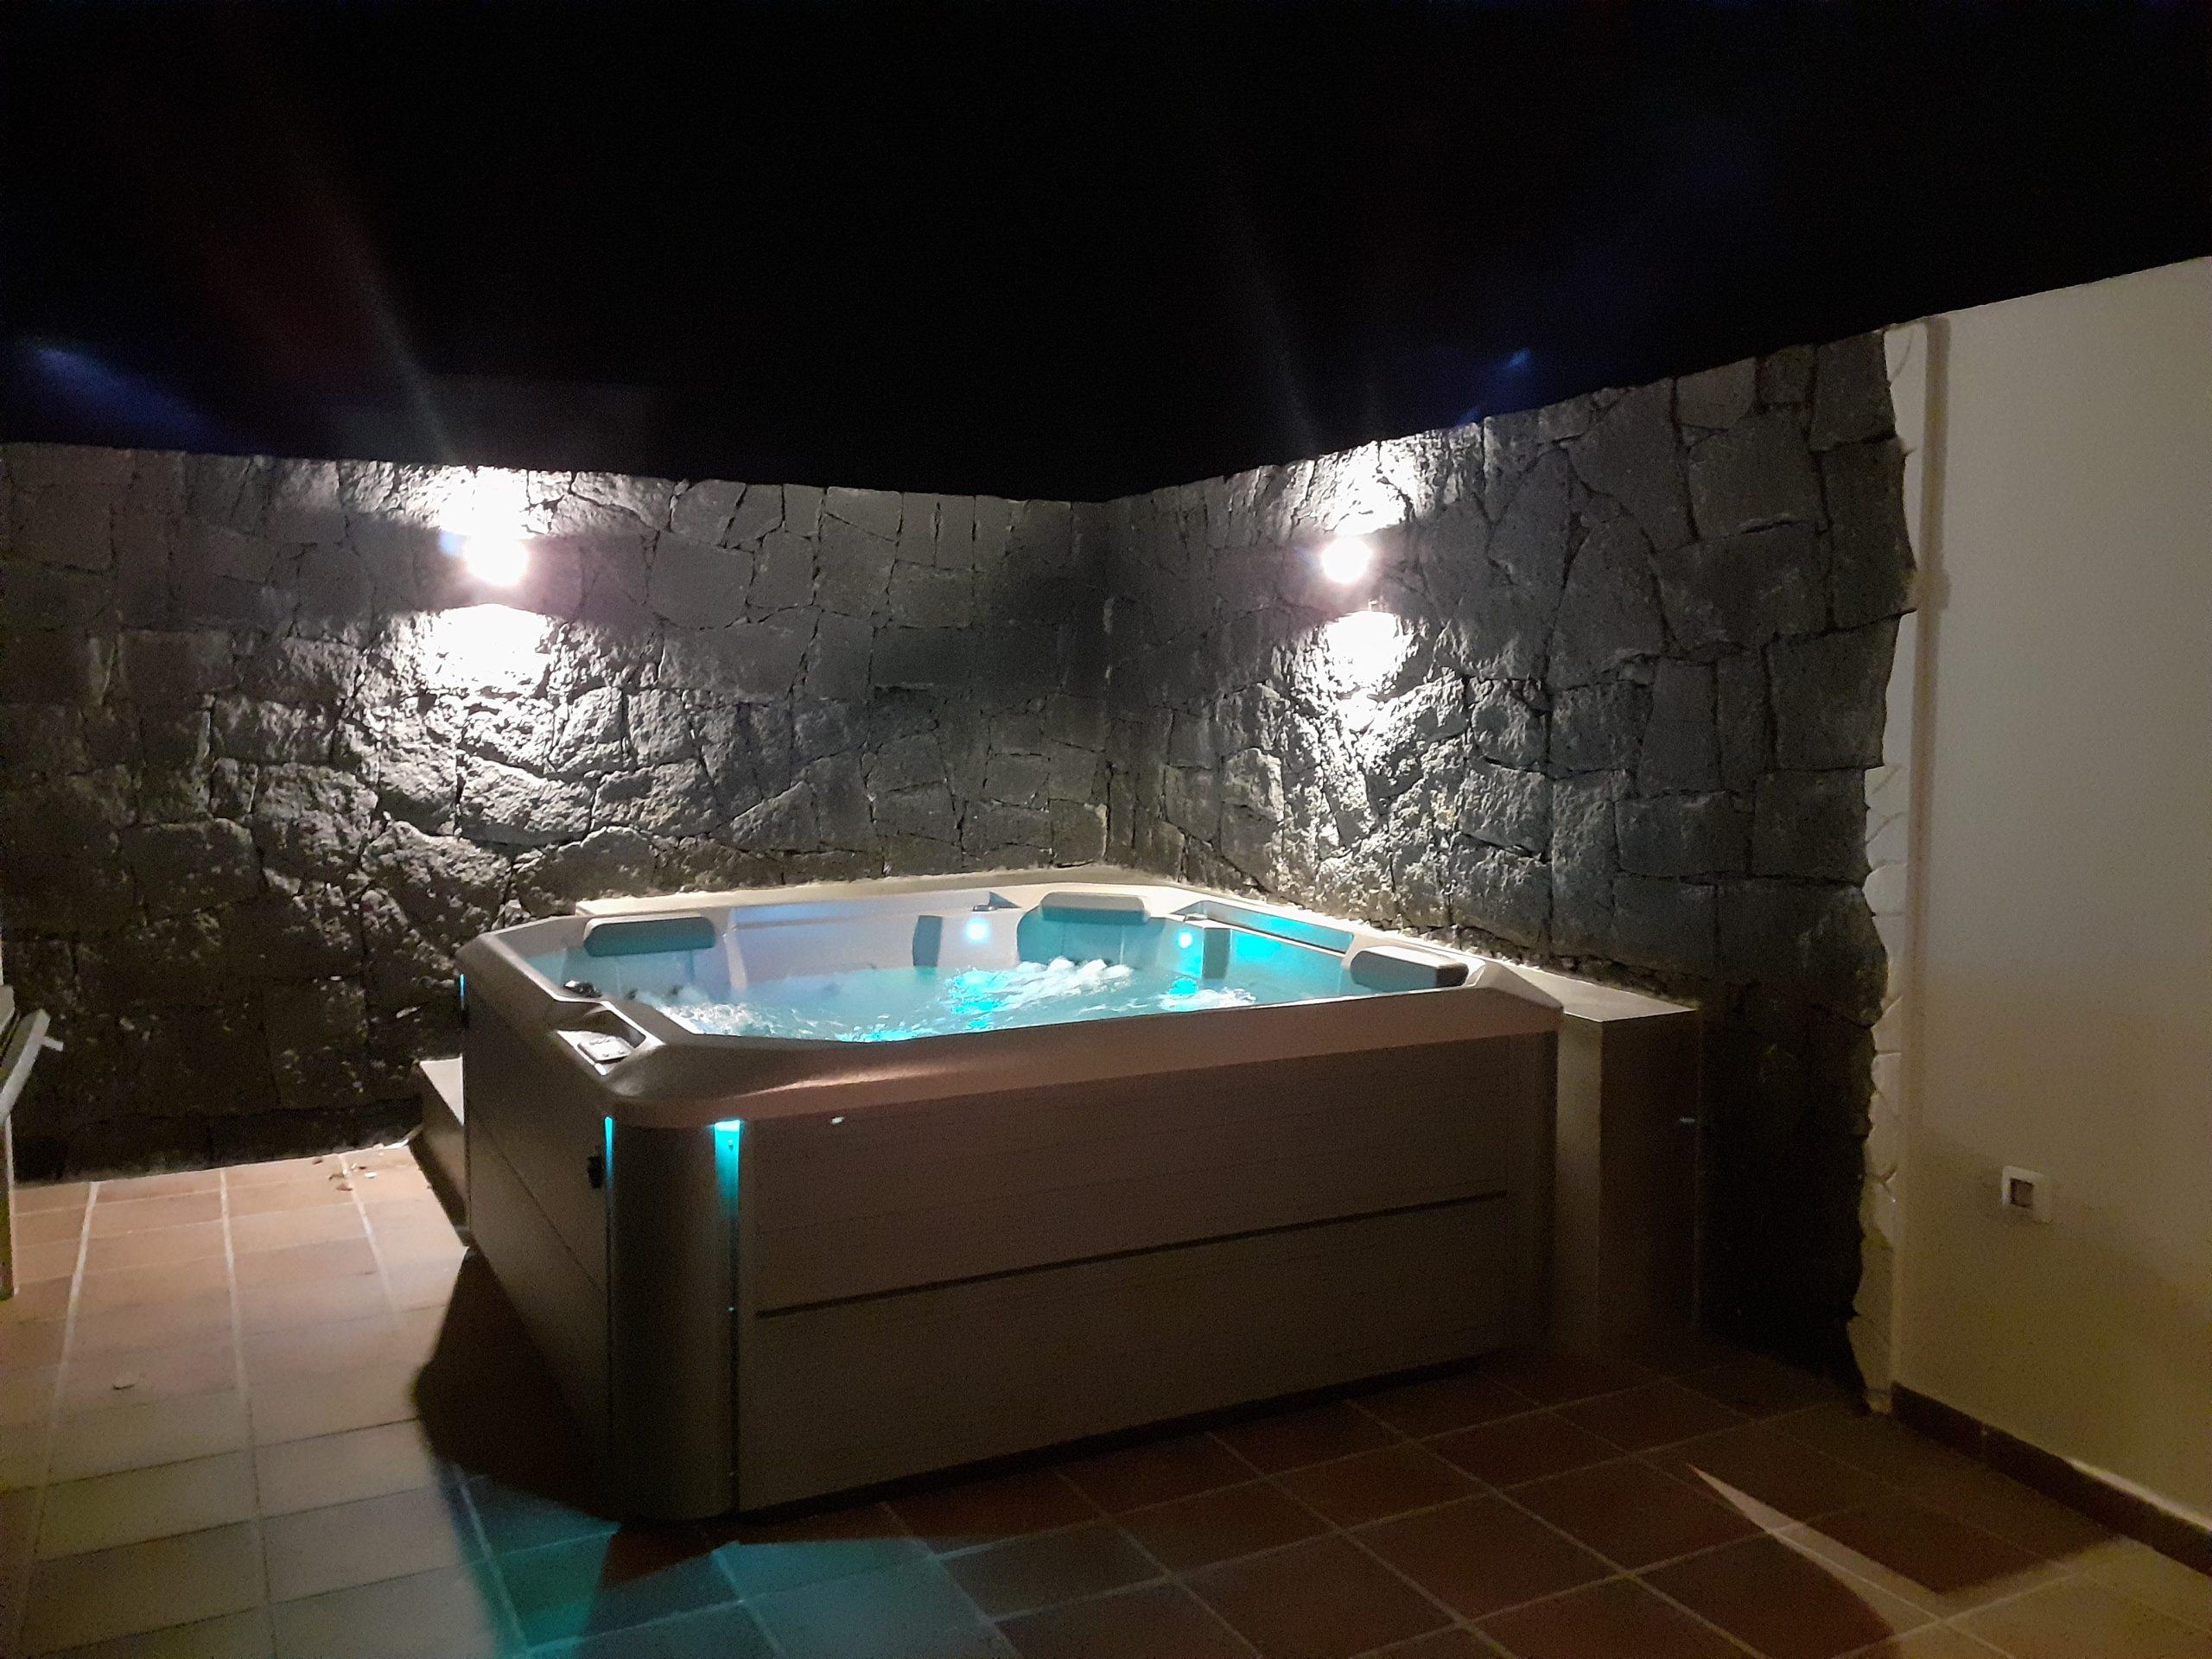 LVC197470 Hot Tub At Night